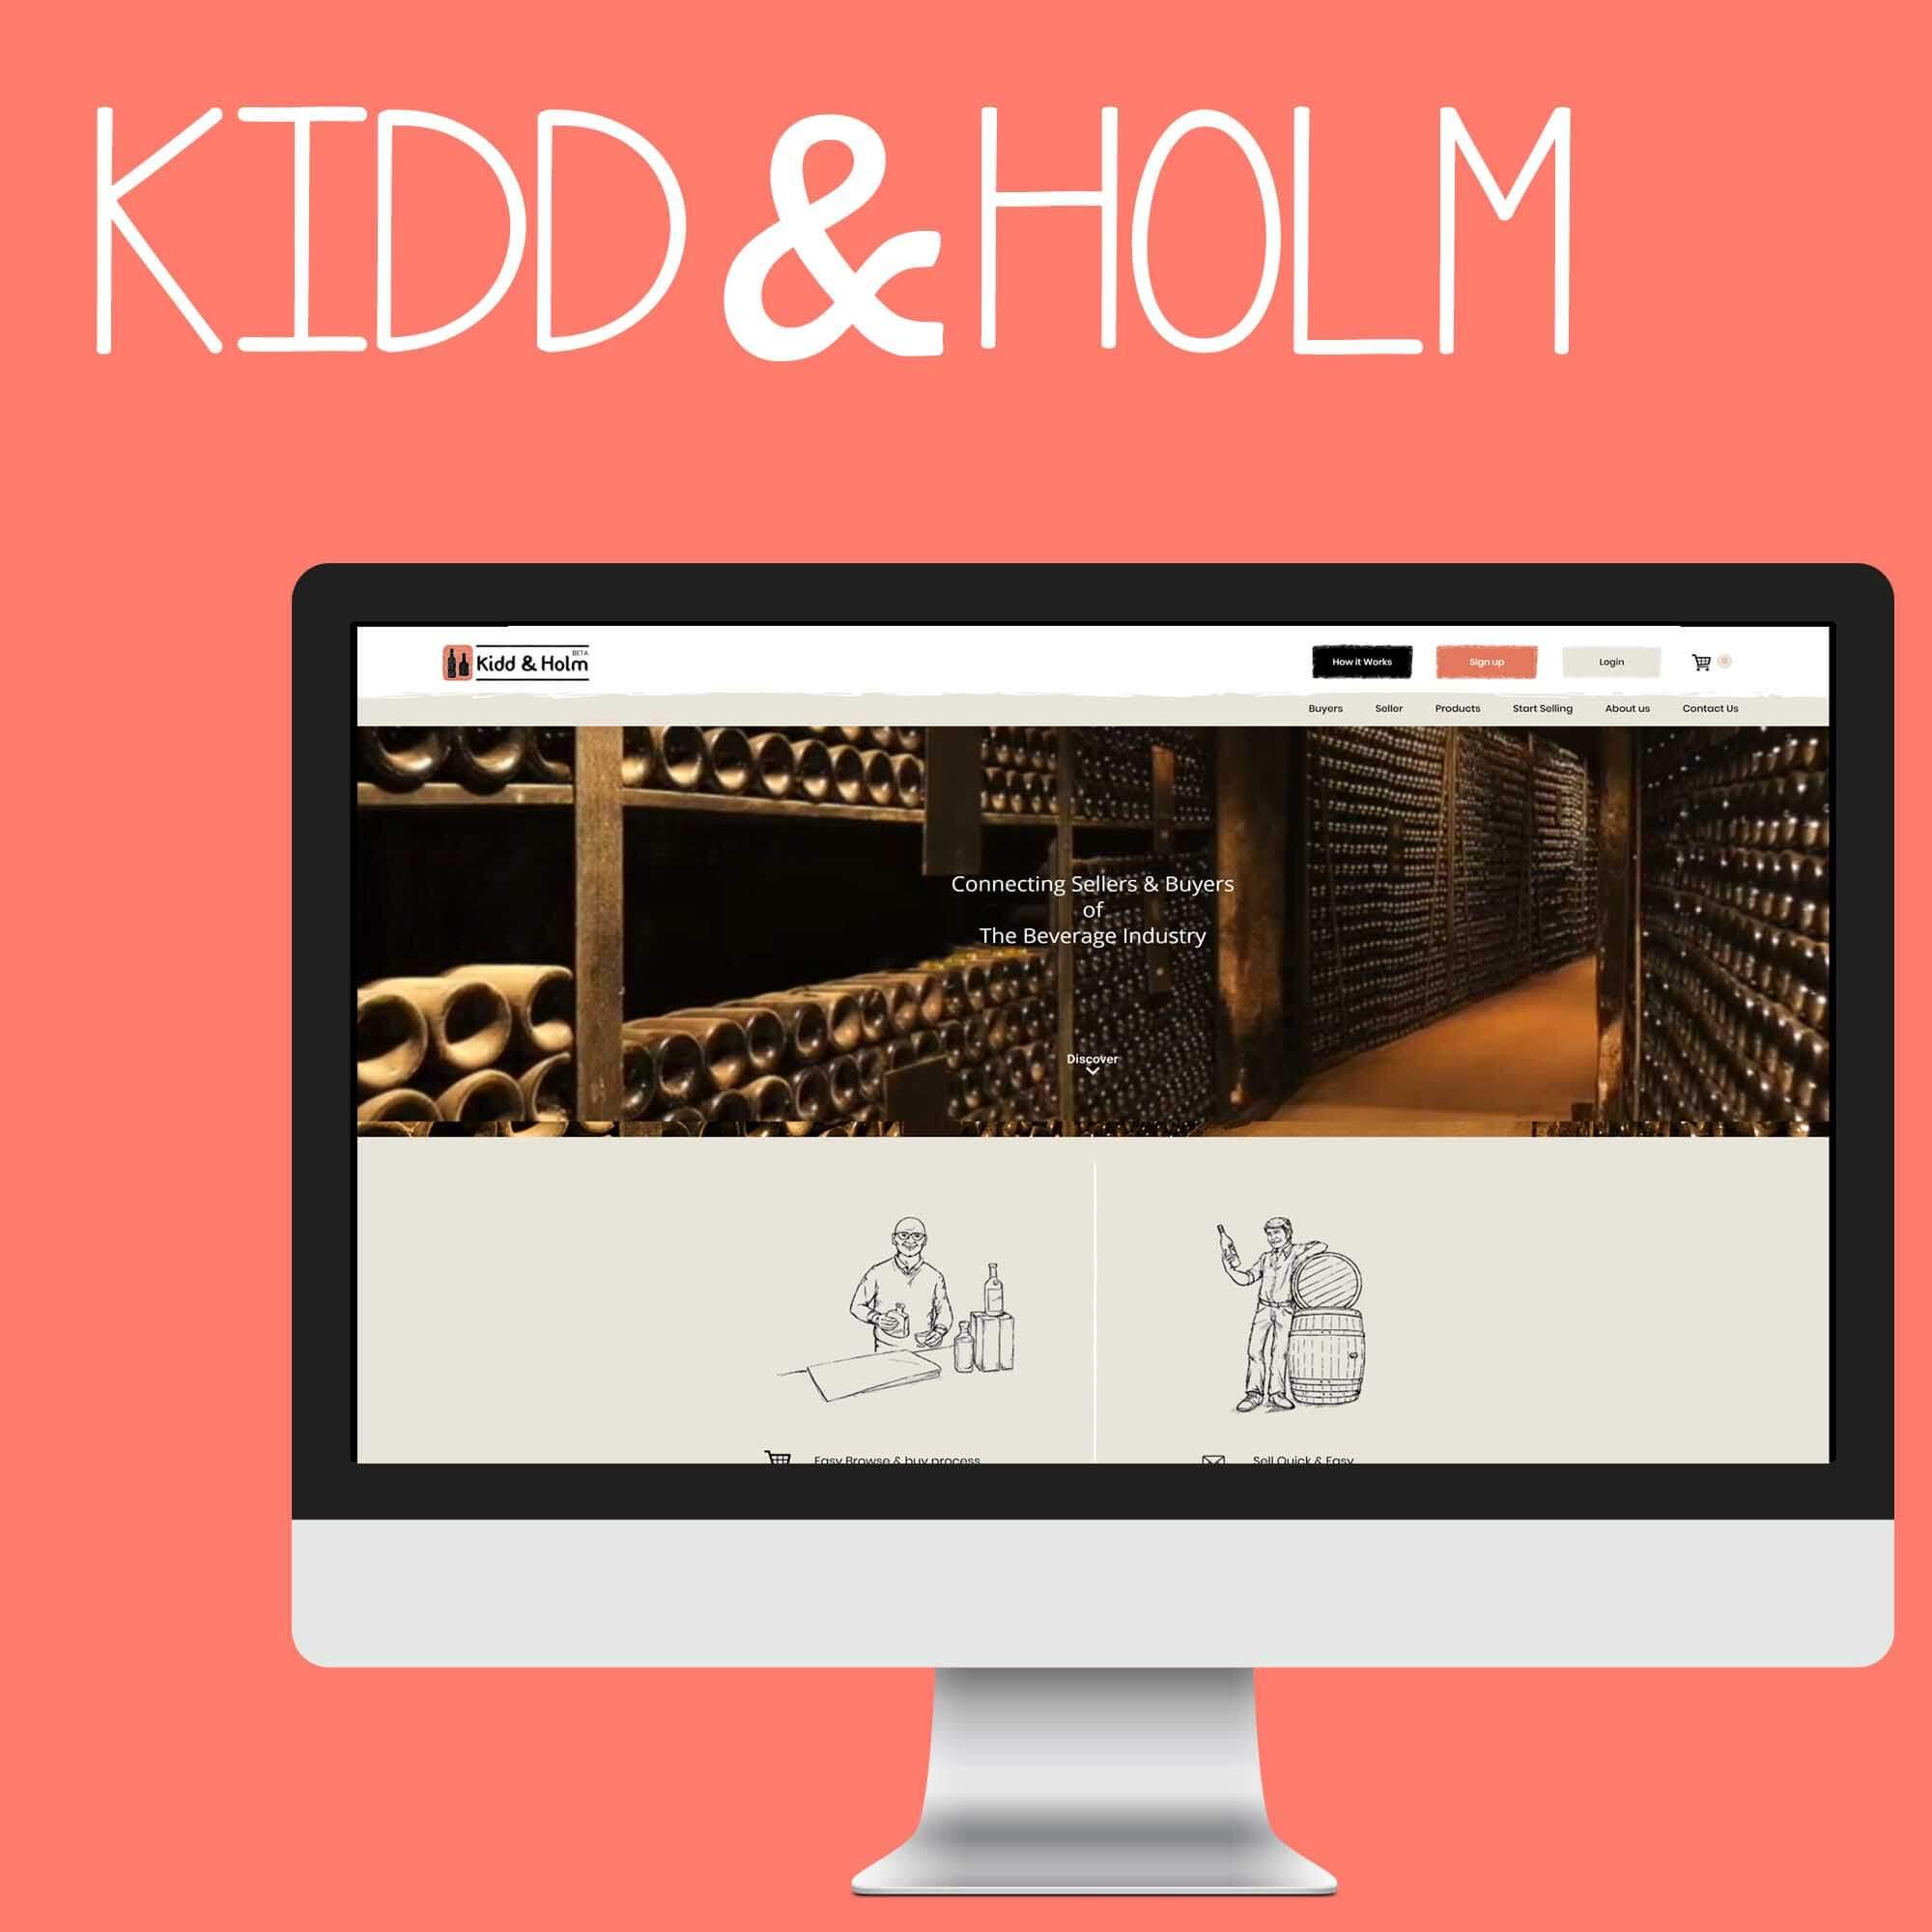 kiddholm_com